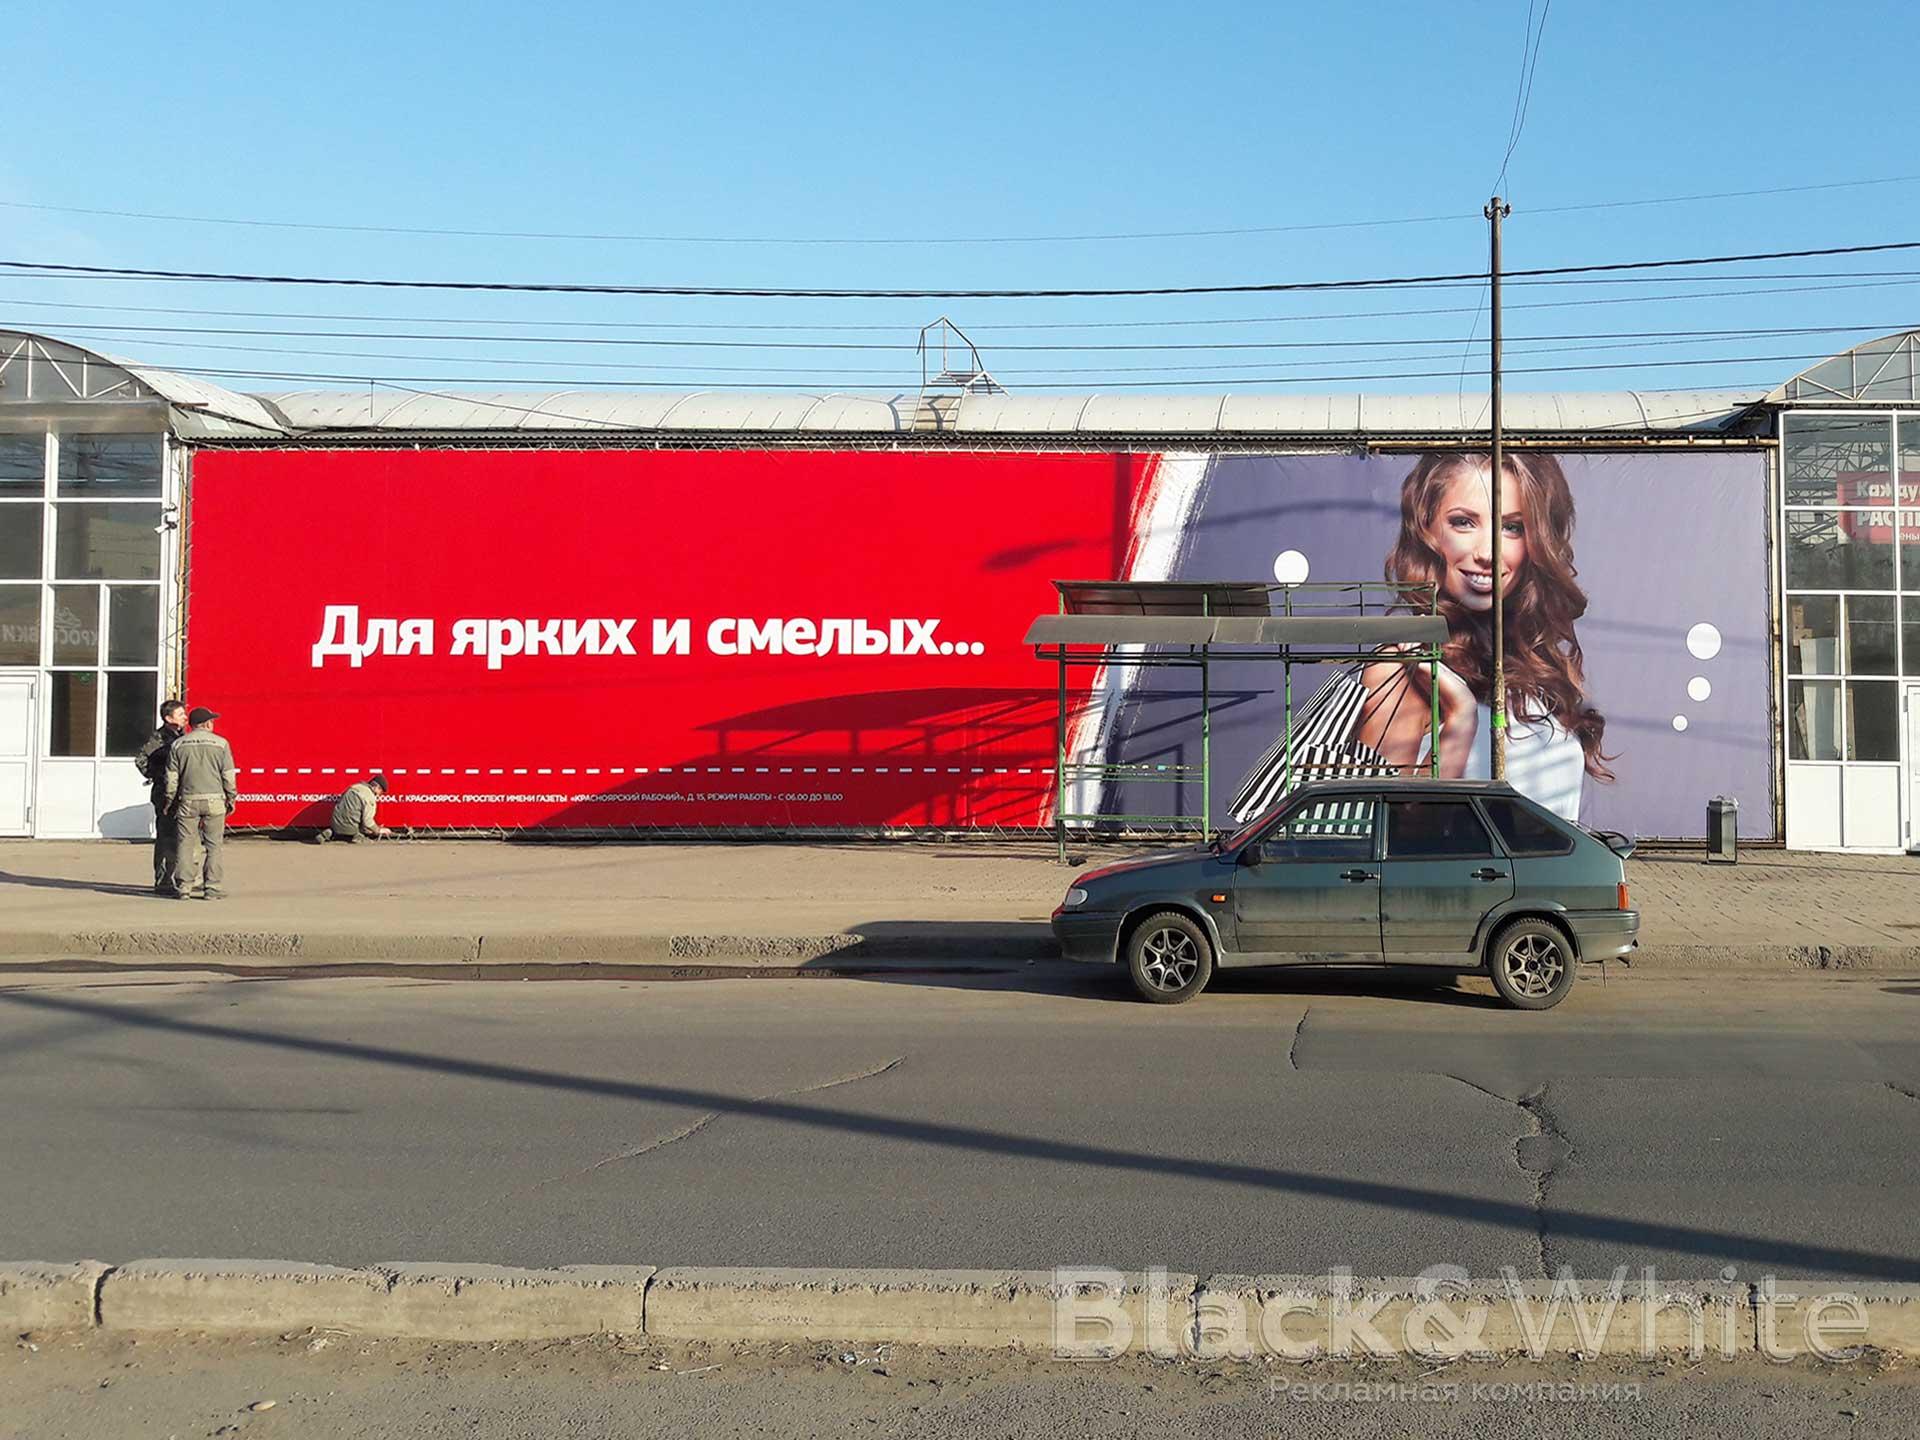 печать-баннеров-монтаж-баннера-3-установка-баннерной-растяжки-в-Красноярске.jpg